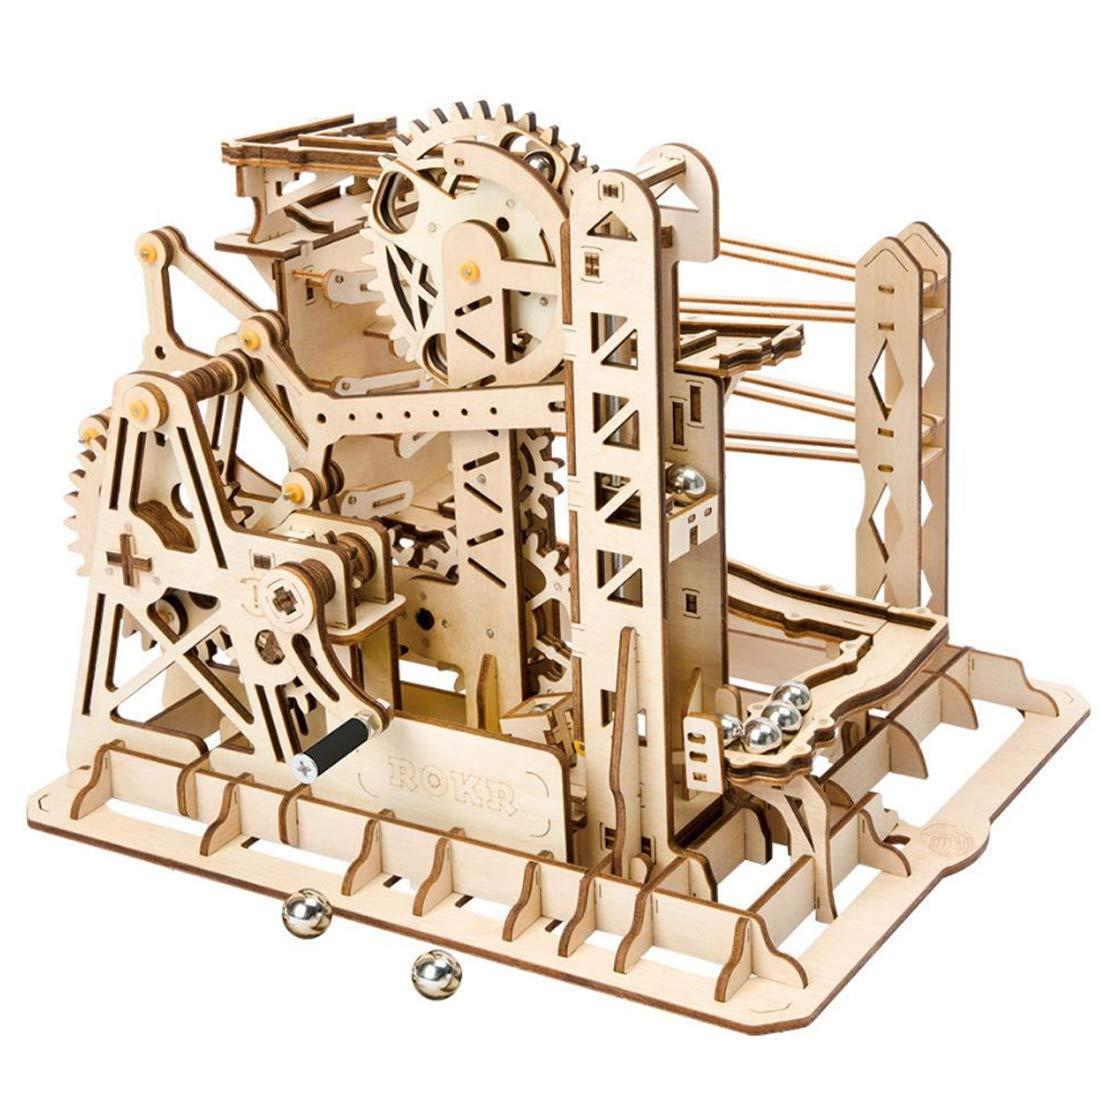 【メーカー公式ショップ】 Yamix 3D木製パズル 脳の体操玩具 タワーコースター キッズ Yamix エコフレンドリー 脳の体操玩具 DIYクラフトキットギフト 3D木製パズル クリスマス、誕生日、女の子、男の子、女性、男性向け B07H8X86GQ, タイセイチョウ:8a3f006d --- a0267596.xsph.ru